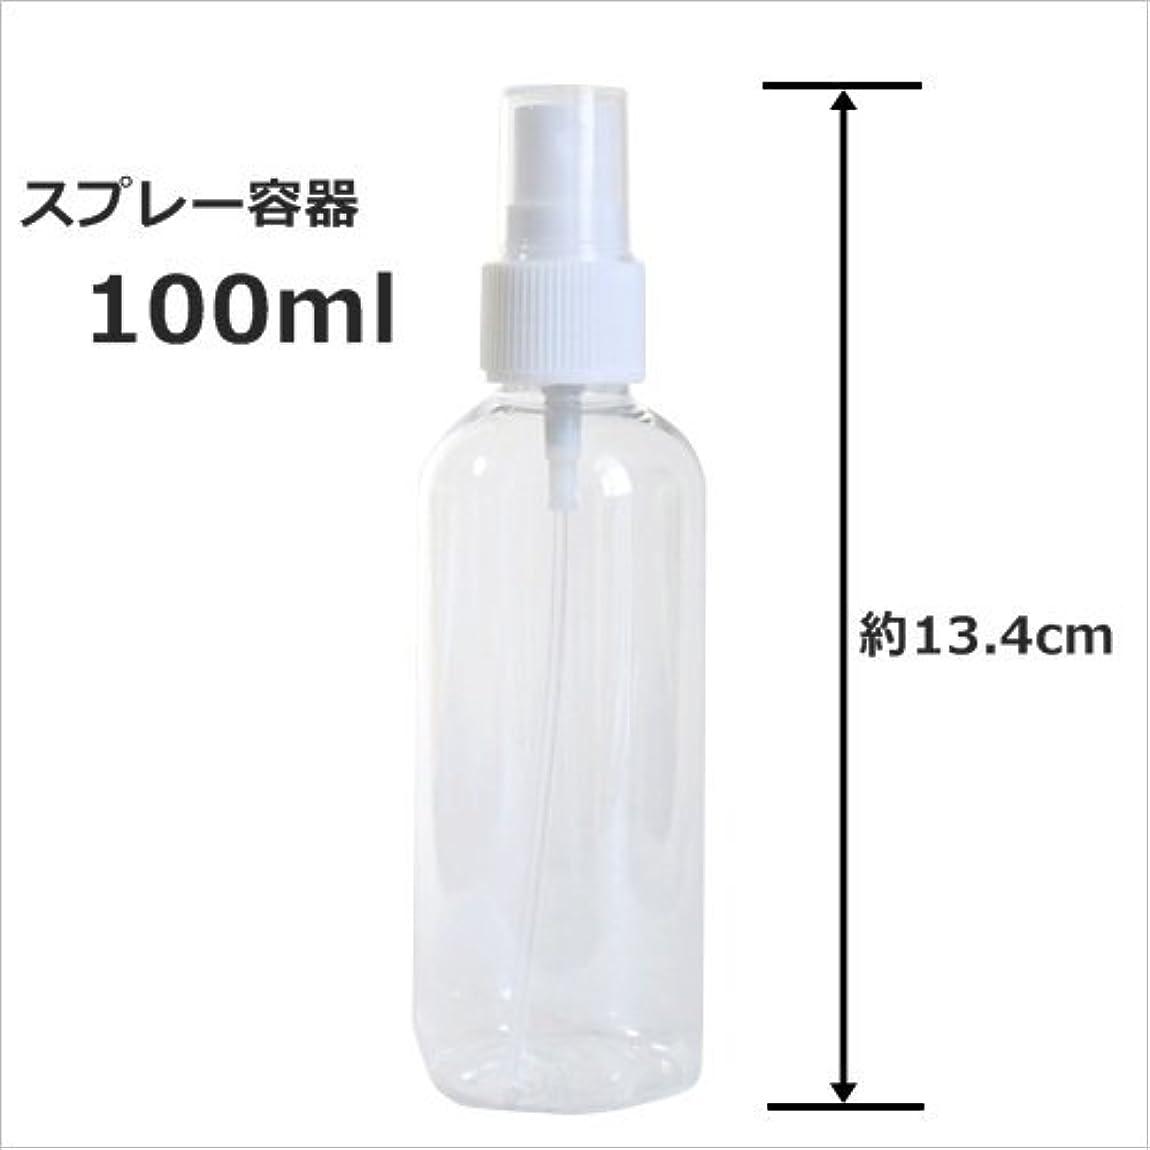 考える壊す熱意スプレーボトル 100ml プラスチック容器 happy fountain